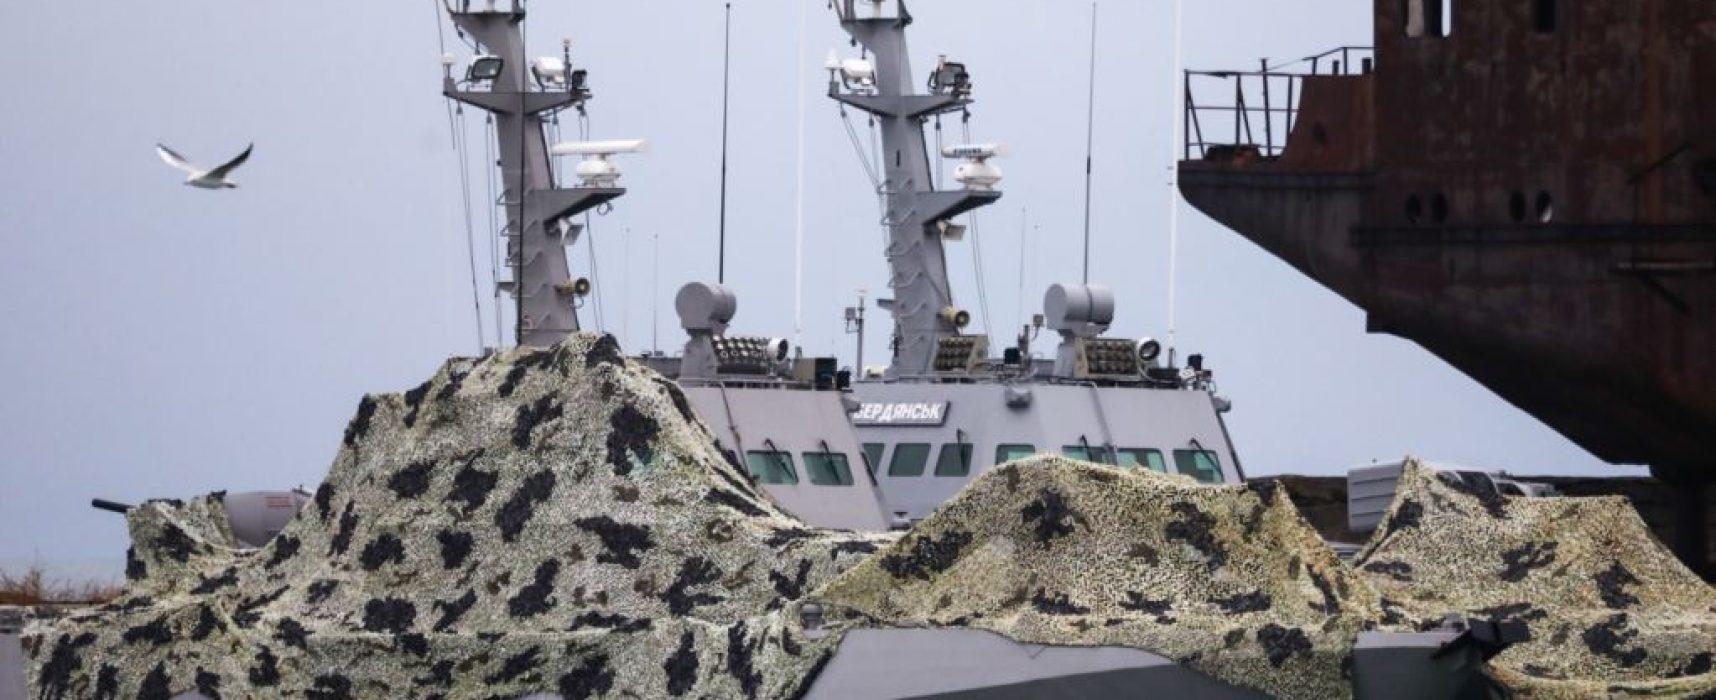 Черноморская агрессия: россиян делают соучастниками преступления?